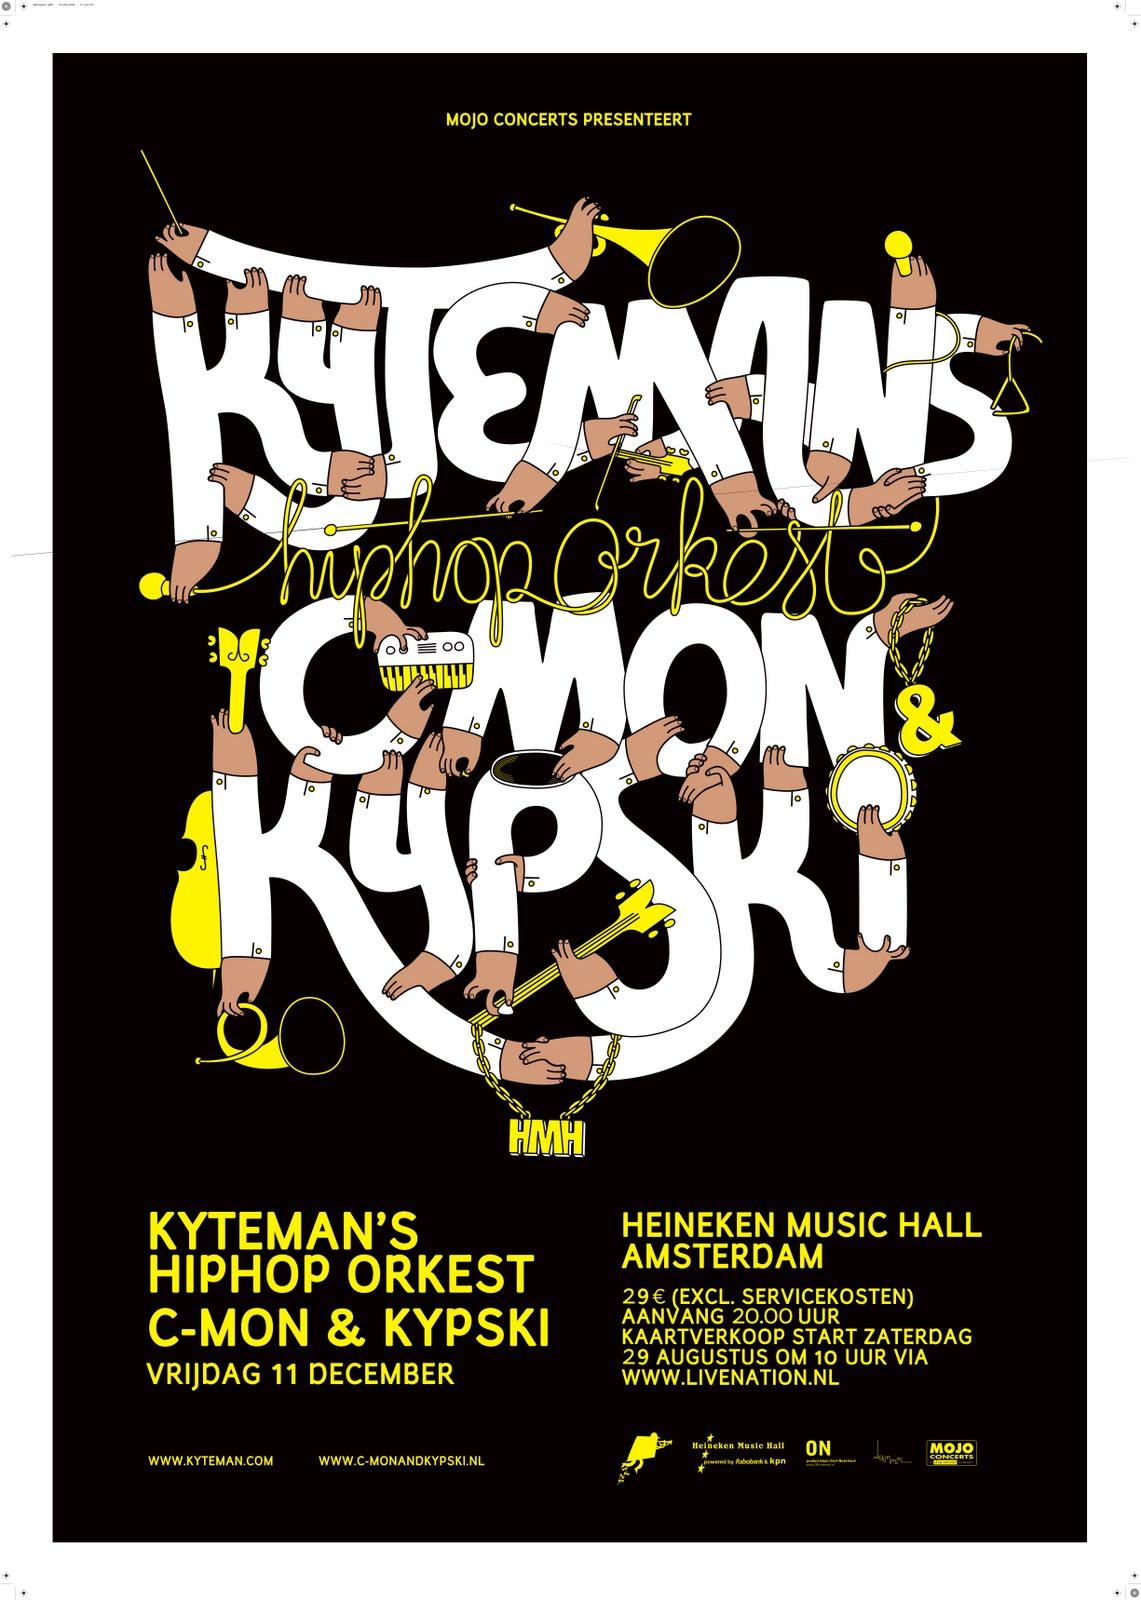 [Kyteman's+Hiphop+Orkest+C-Mon+&+Kypski+in+HMH+11+december+2009.jpg]